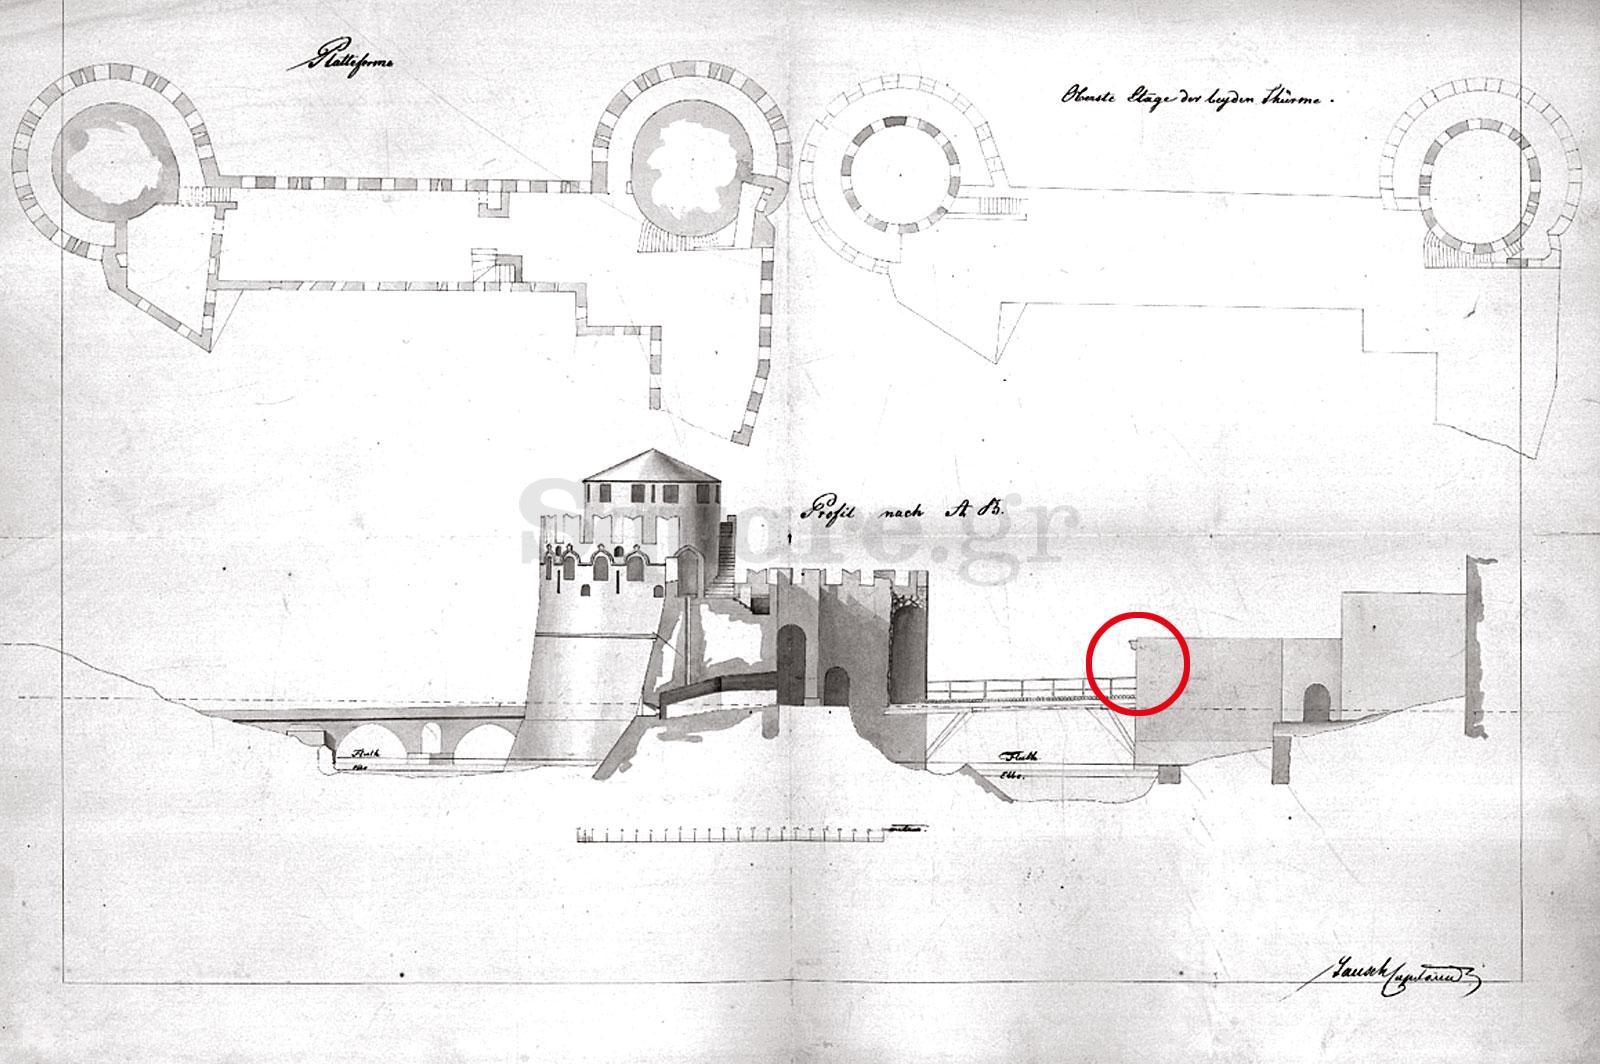 10-Τοπογραφικό-σχέδιο-των-γεφυρών-του-Ευρίπου-περιόδου-1833---1835